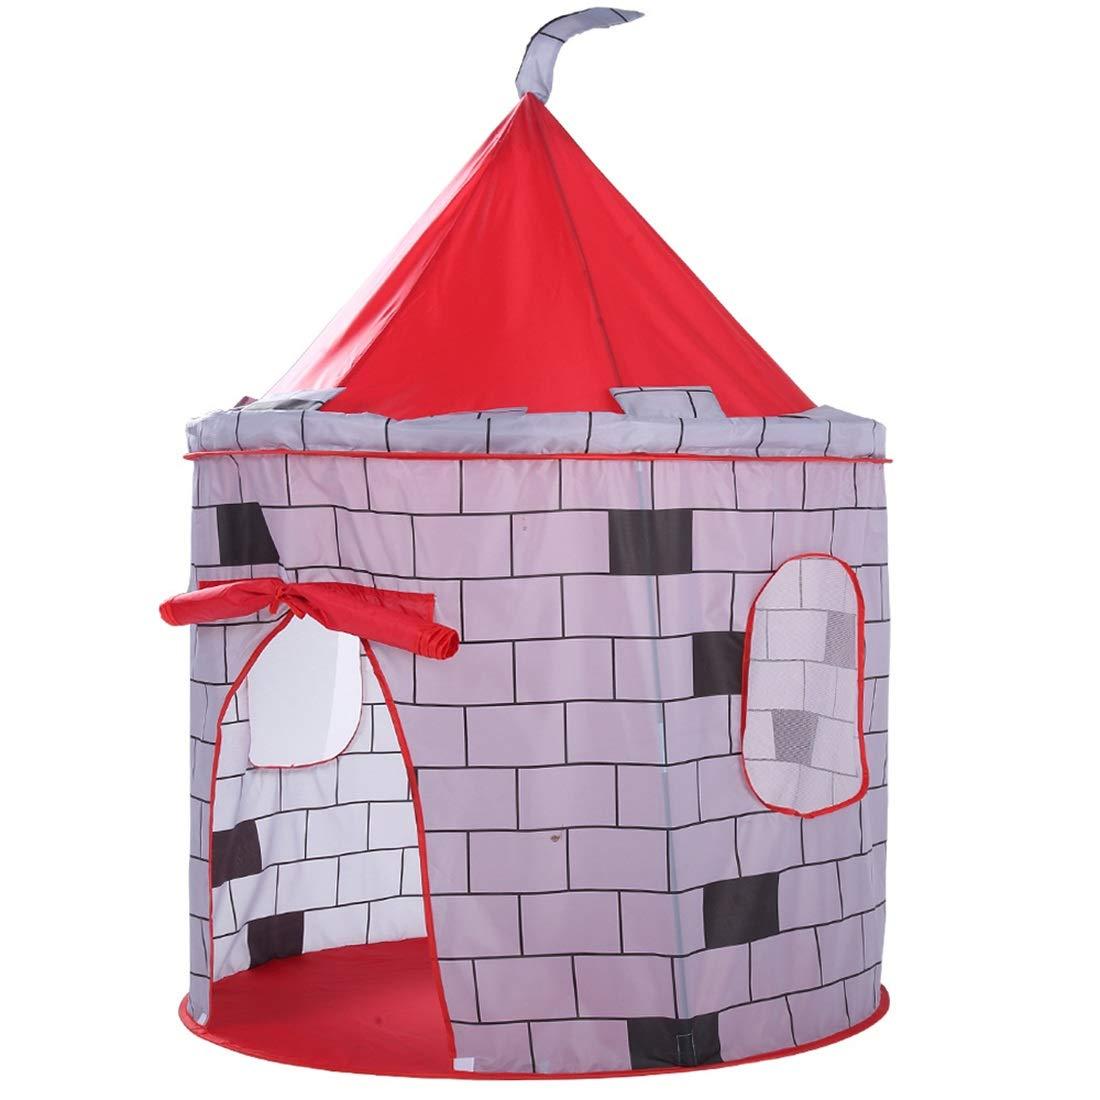 Fepelasi Castle Pattern Kids Zelte Indoor Kinder Spielzelt Spielplatz im Freien (Farbe : ROT)